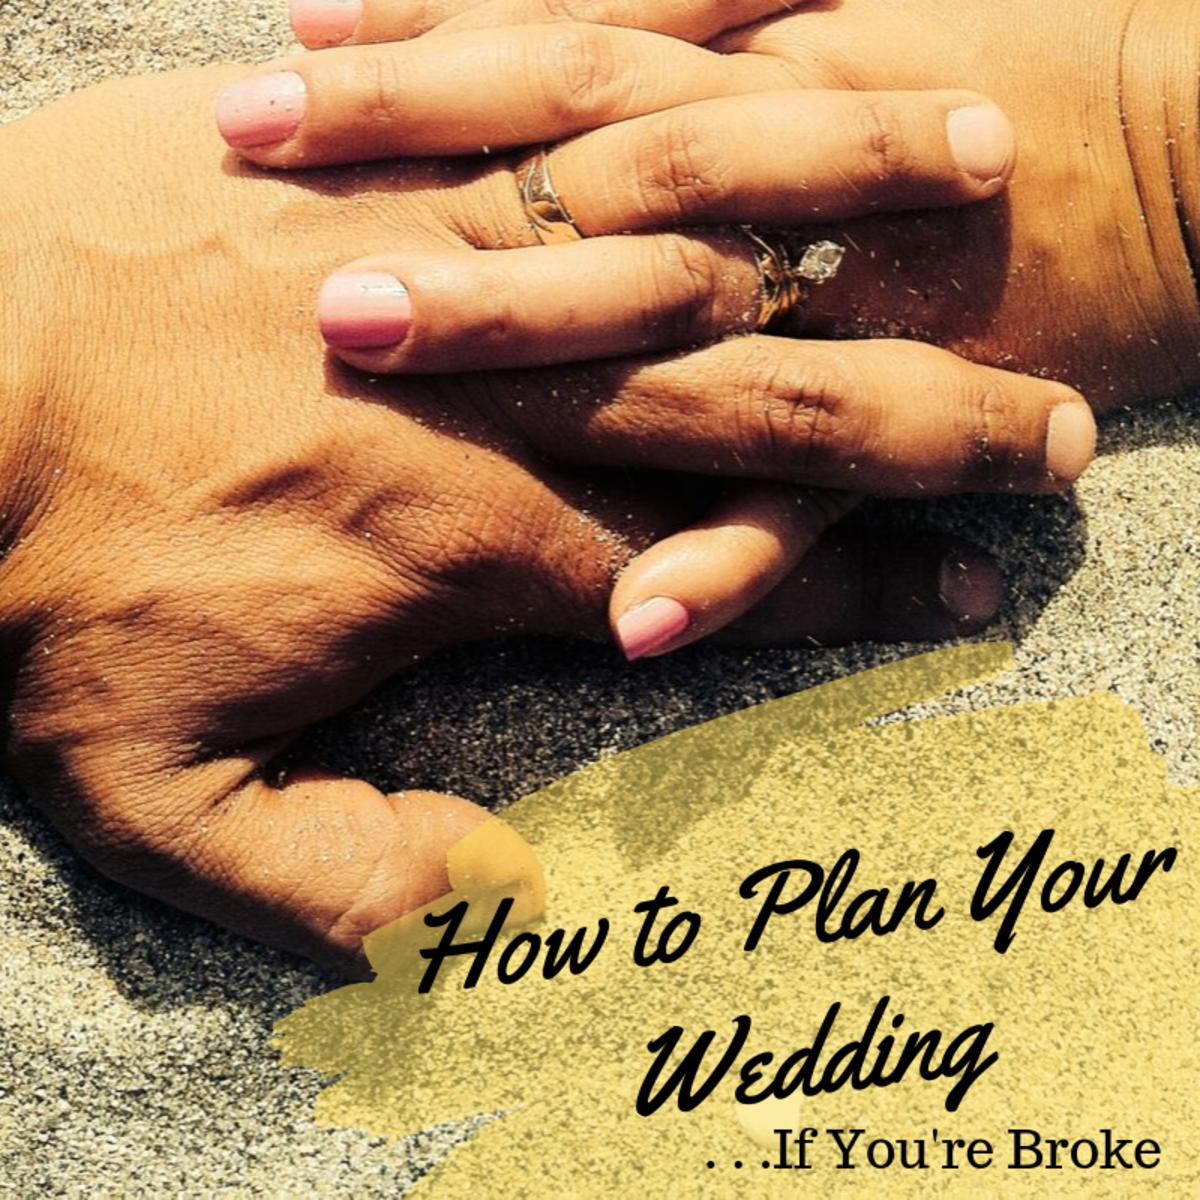 Low Budget Wedding Reception Ideas: 3 Ways To Plan Your Wedding And Reception On A Budget